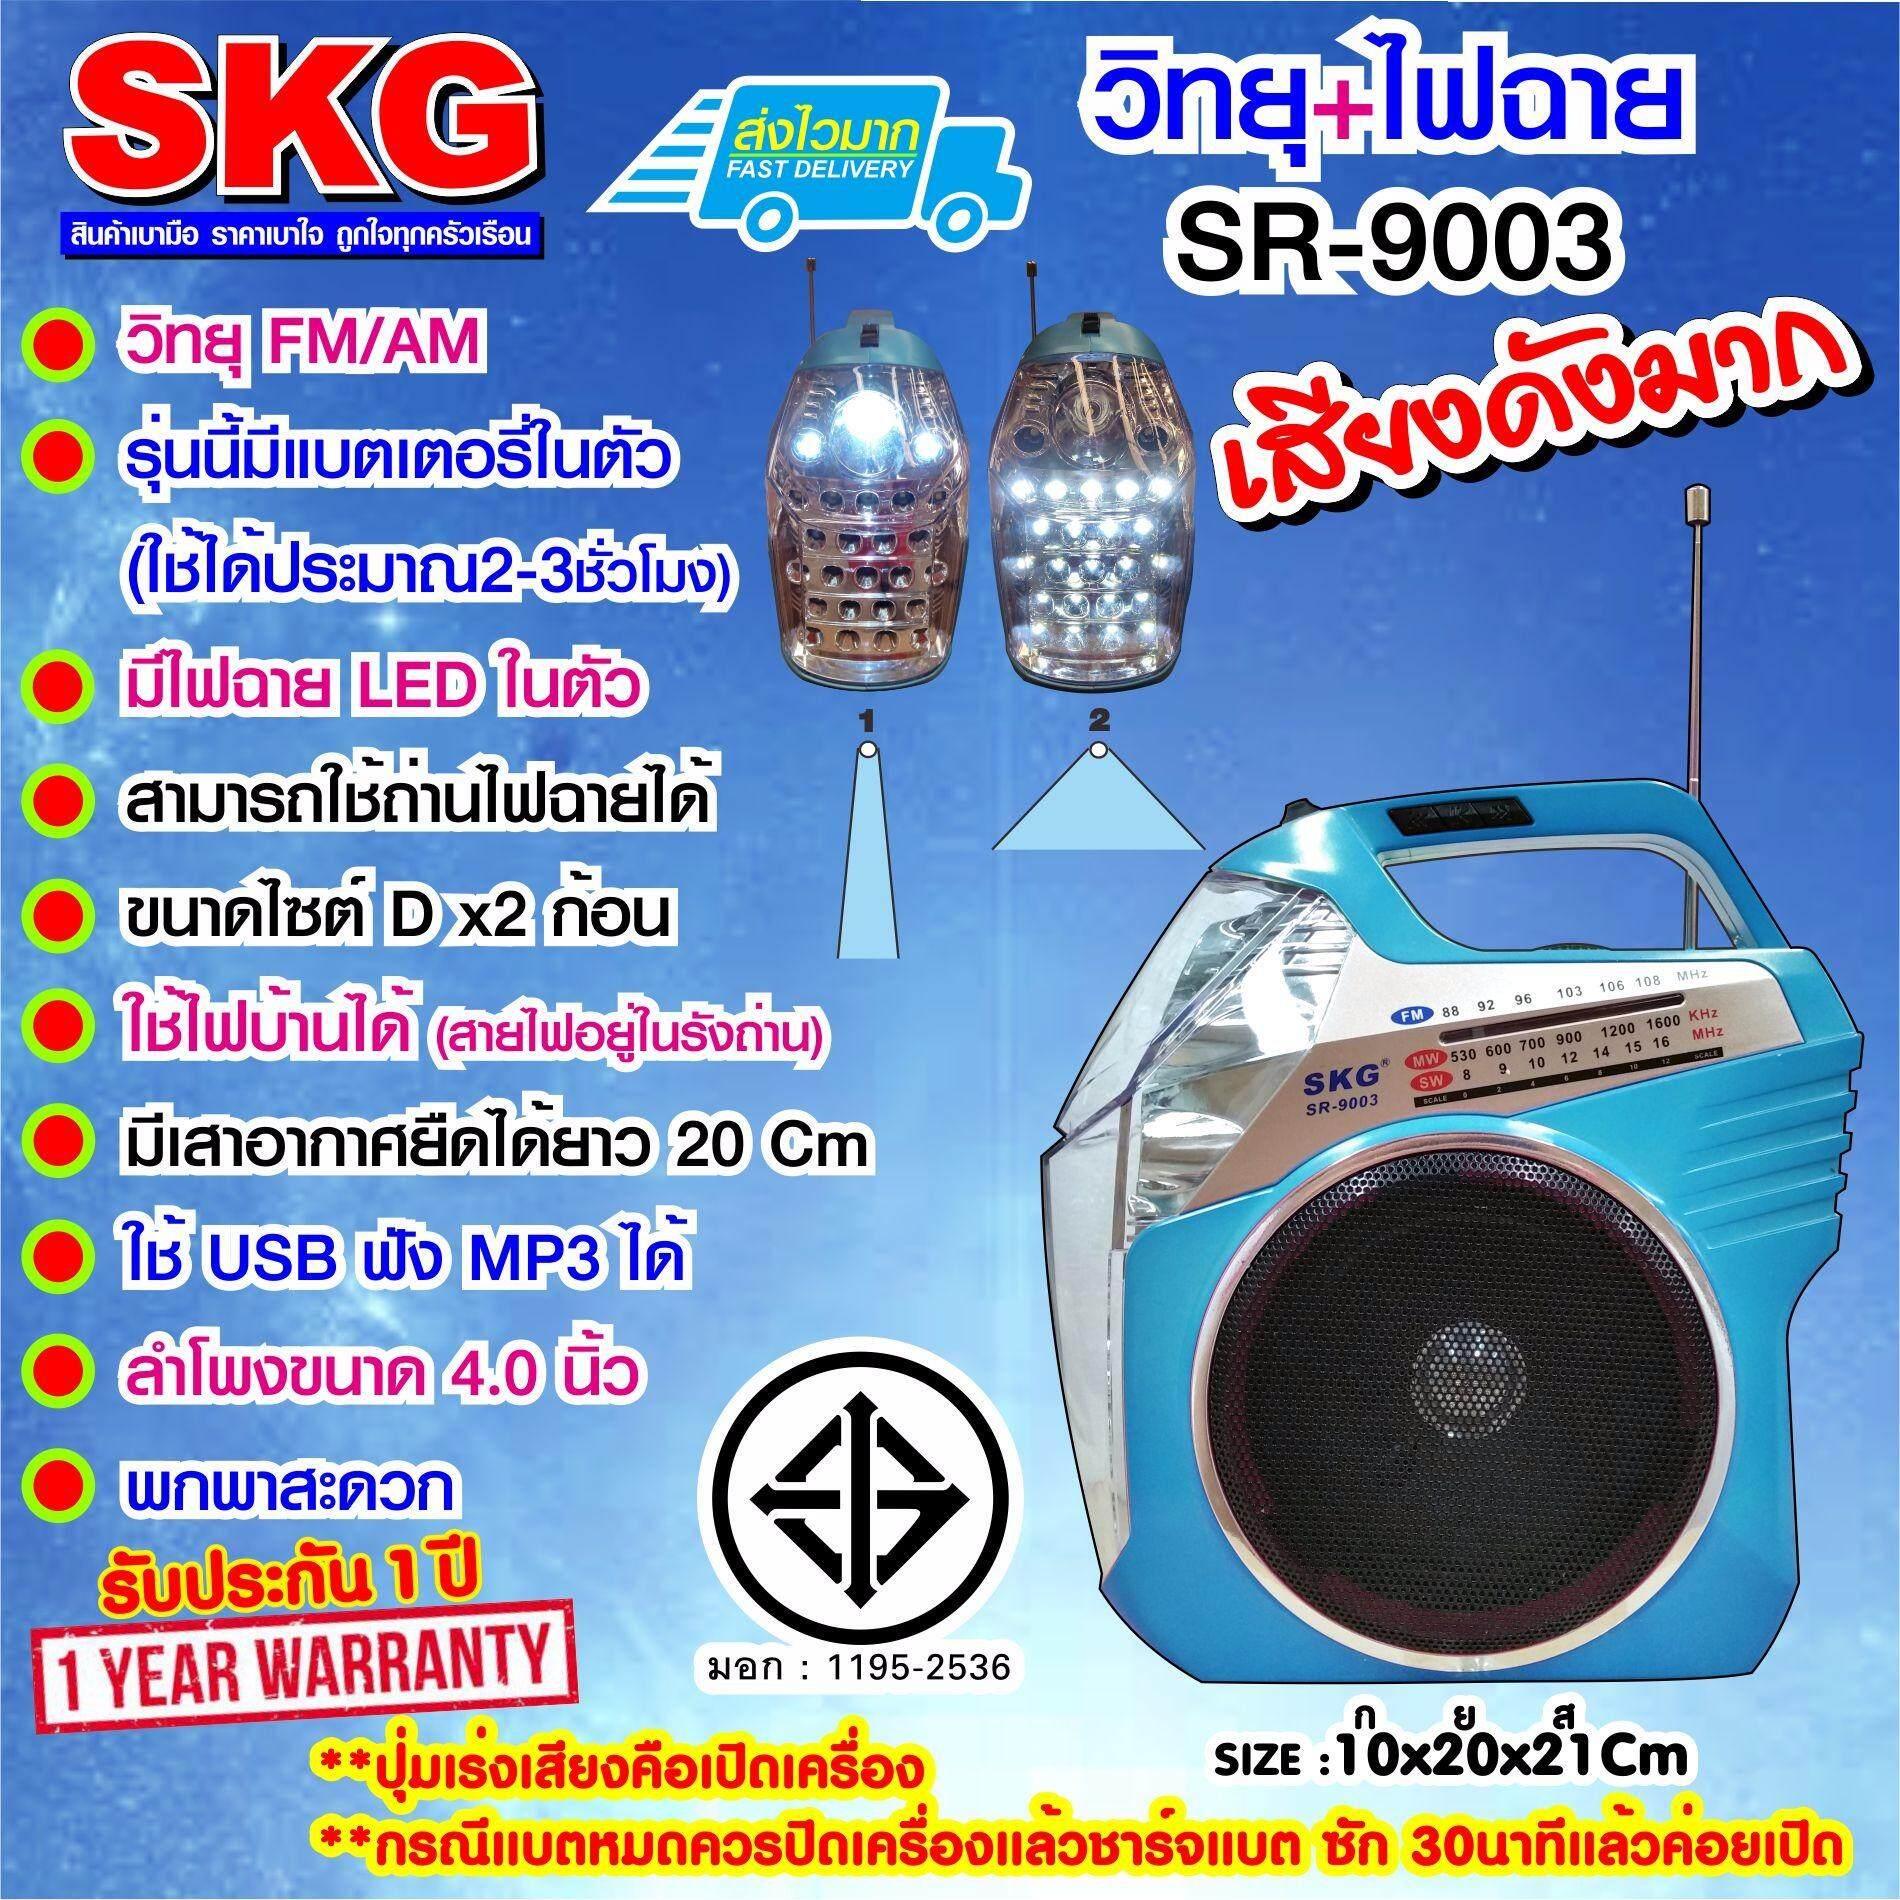 ซื้อ Skg วิทยุ ไฟฉาย มีแบตในตัว รุ่น Sr 9003 สีฟ้า ถูก